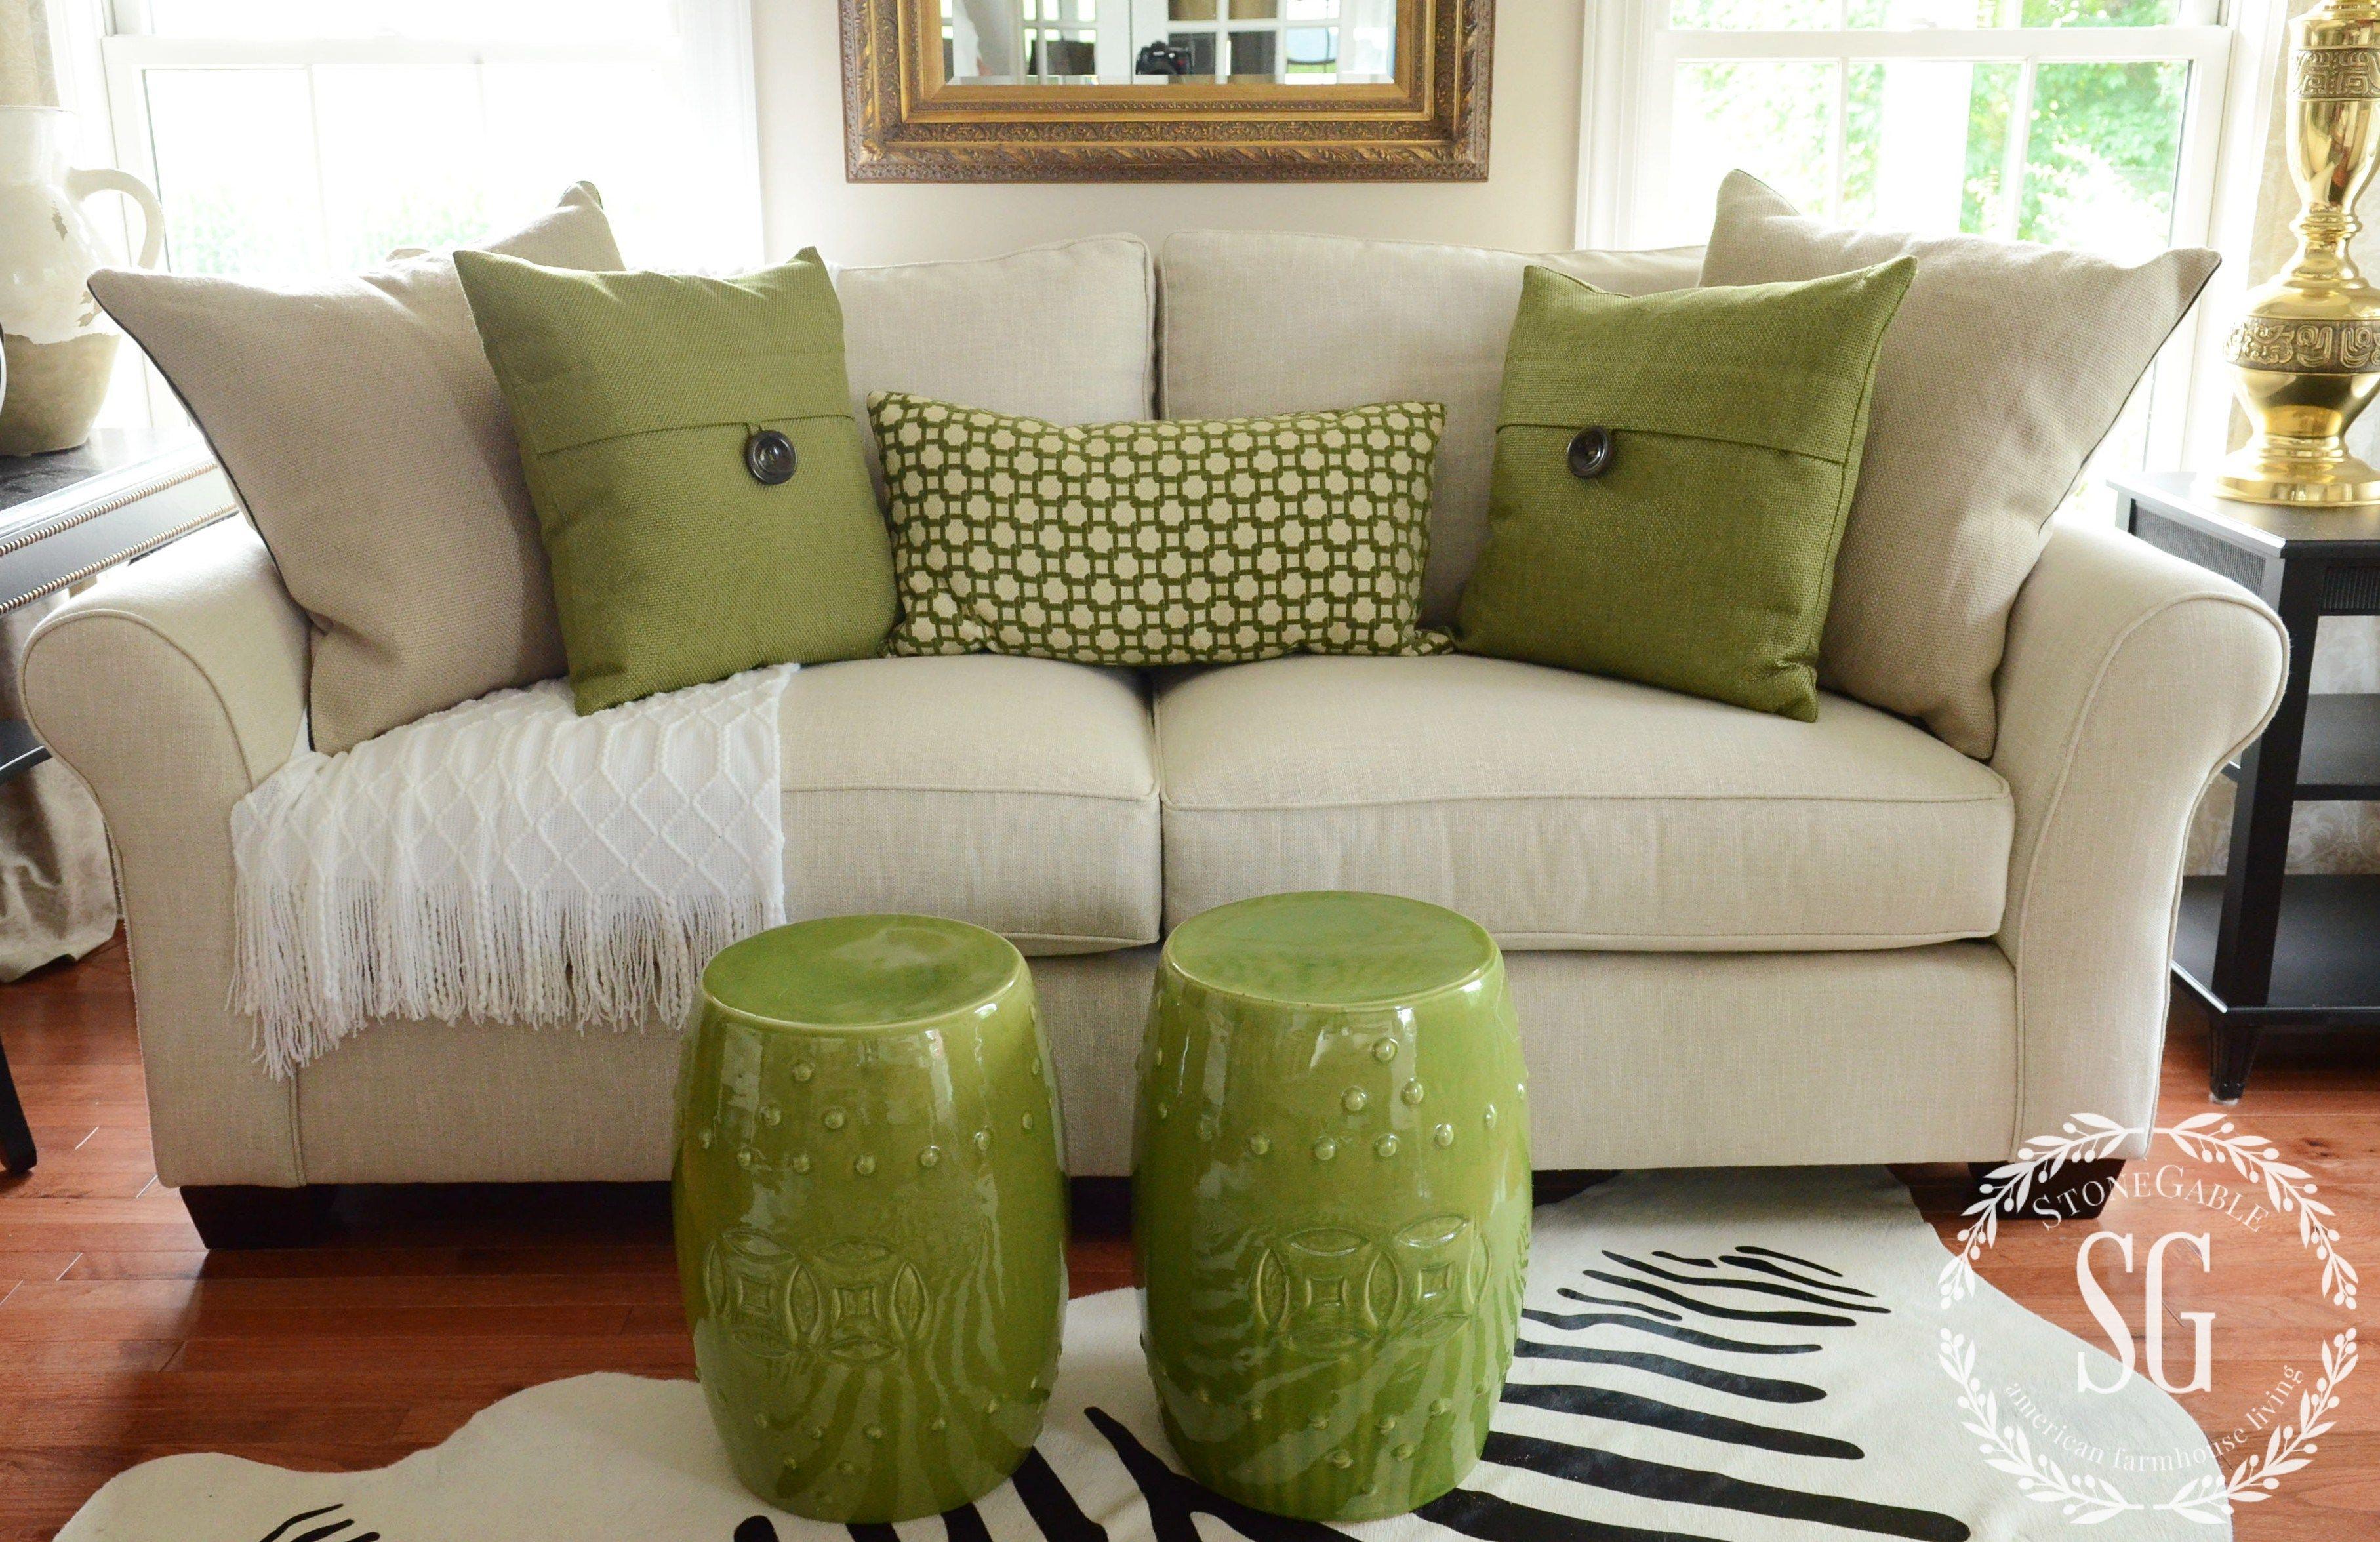 Sofa Pillows Green With White Throw Stonegableblog